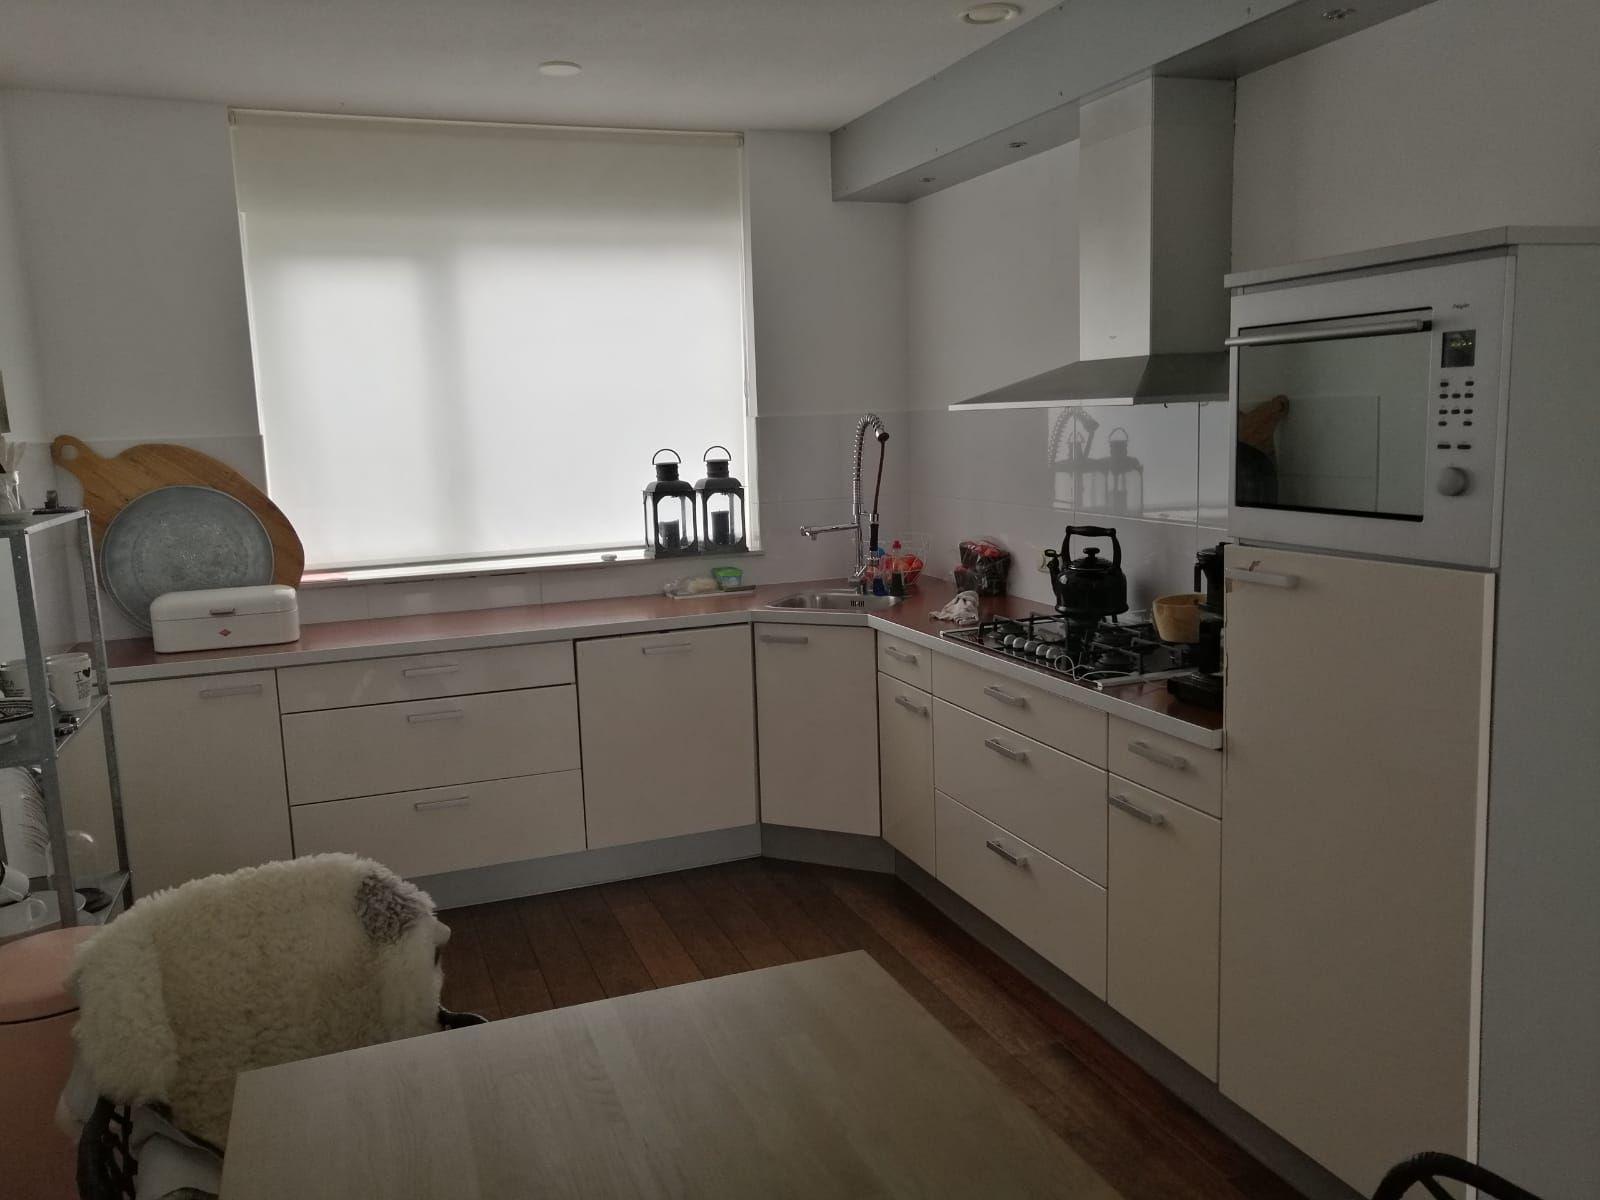 Keuken Renovatie 8 M2 Keukendeuren Opnieuw Lamineren Vervangen Werkspot